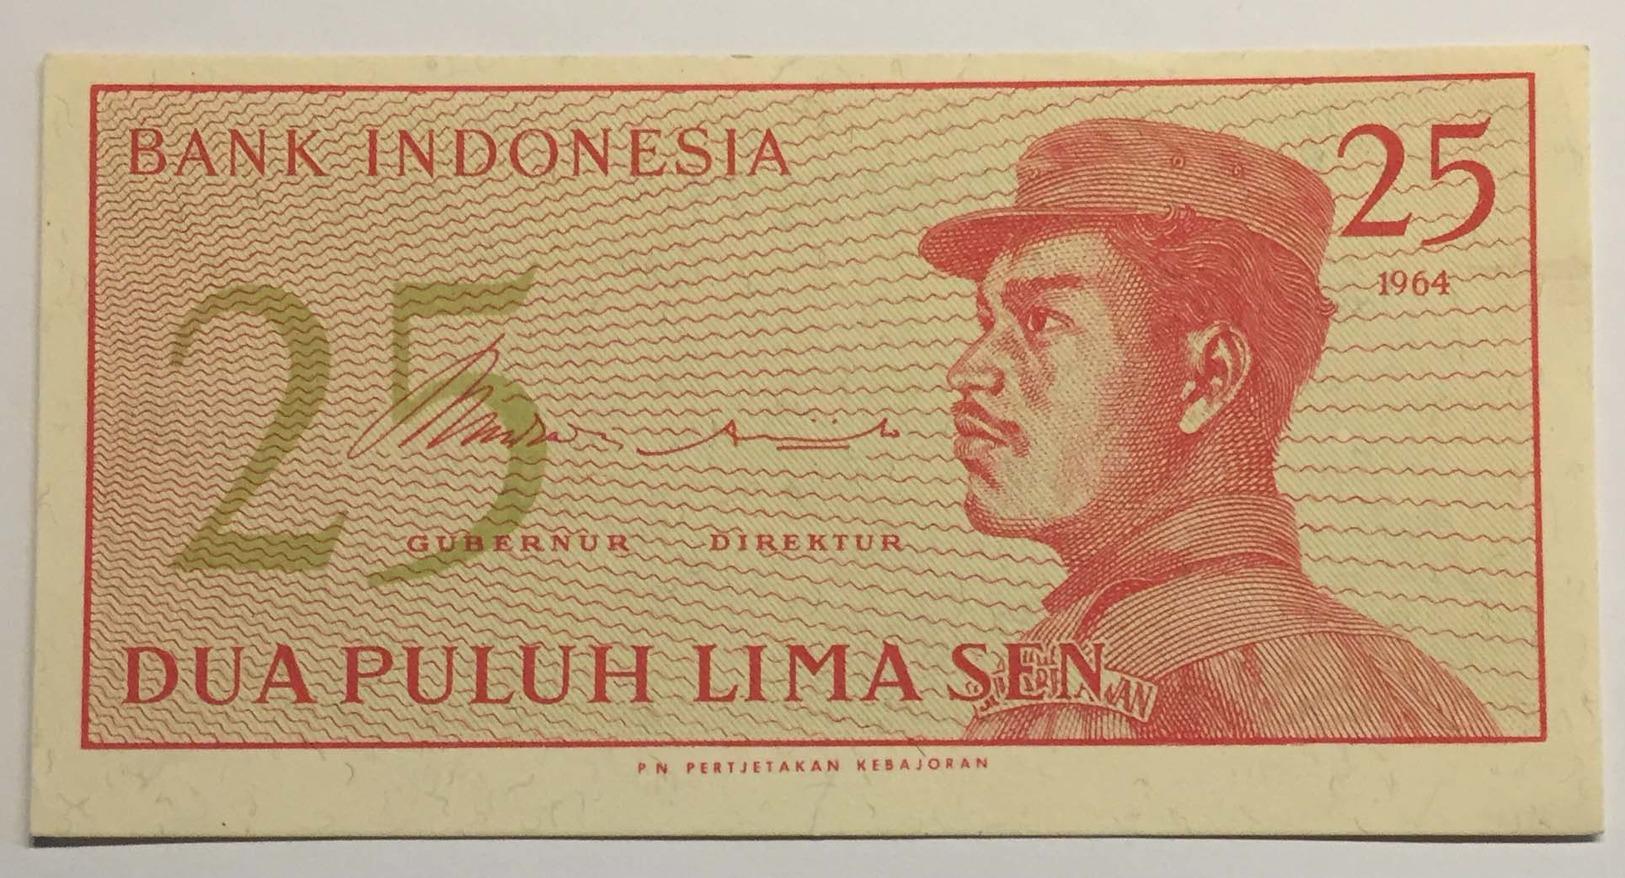 Bank Of Indonesia - Dua Puluh Lima Sen - 1964 - Indonésie